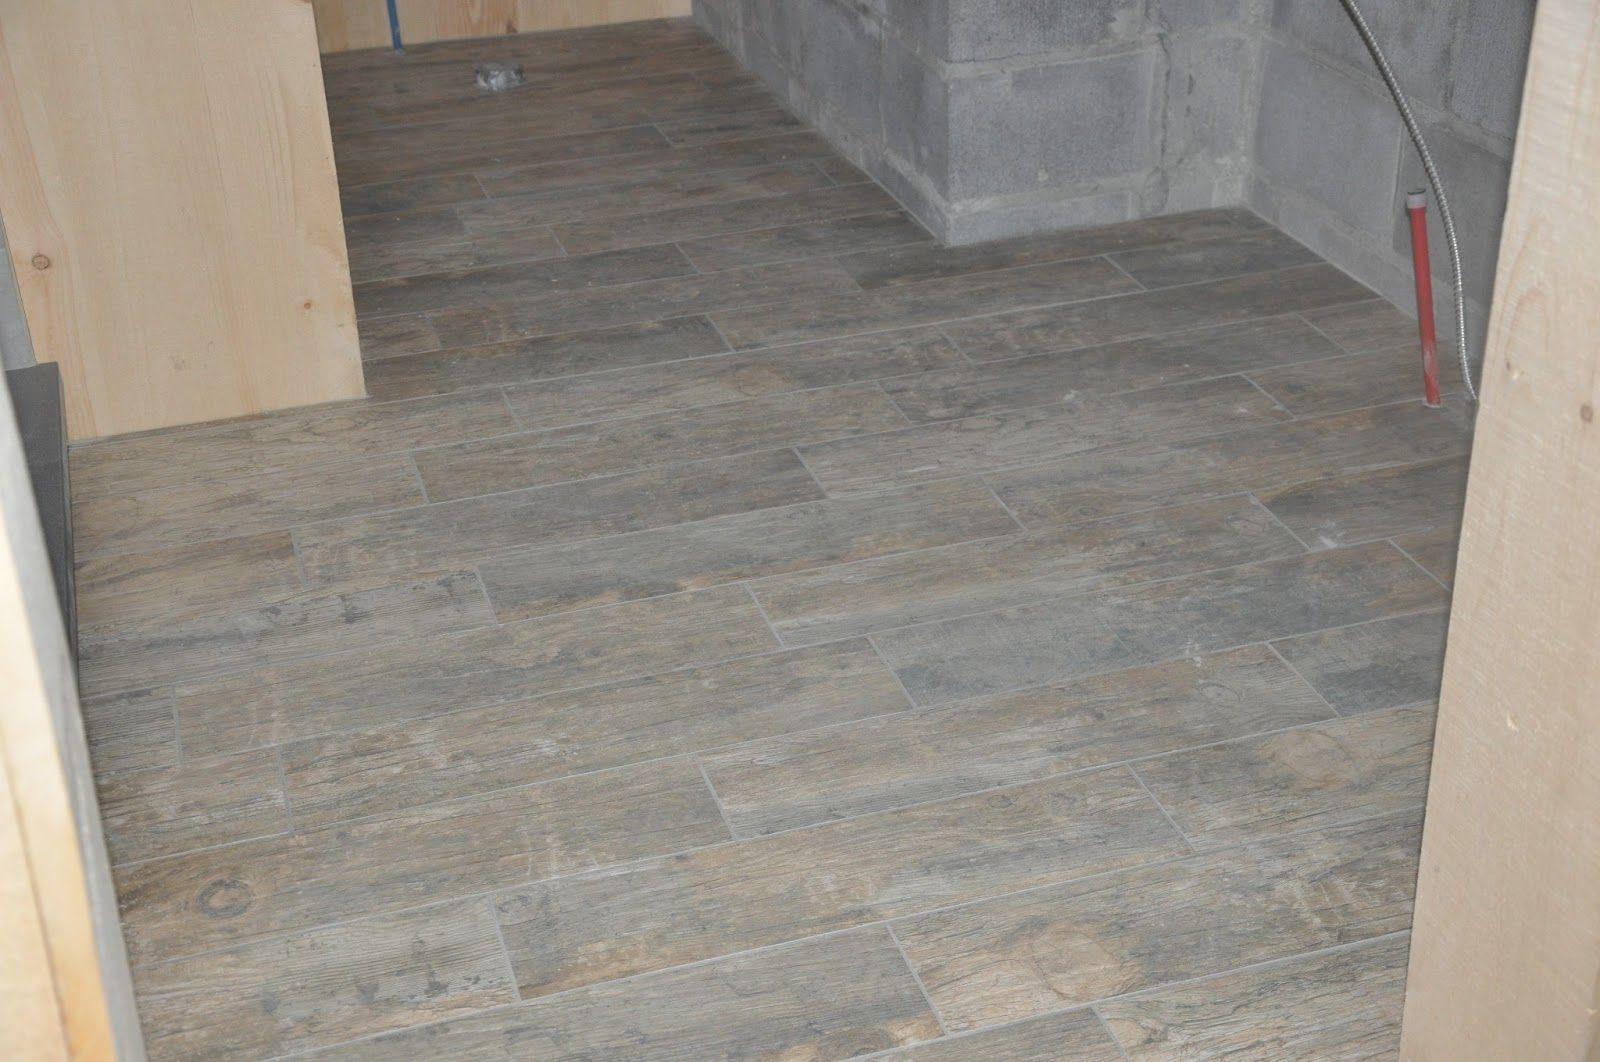 Bathroom Floor Tile Plank Modern Style How To Install A Plank Tile